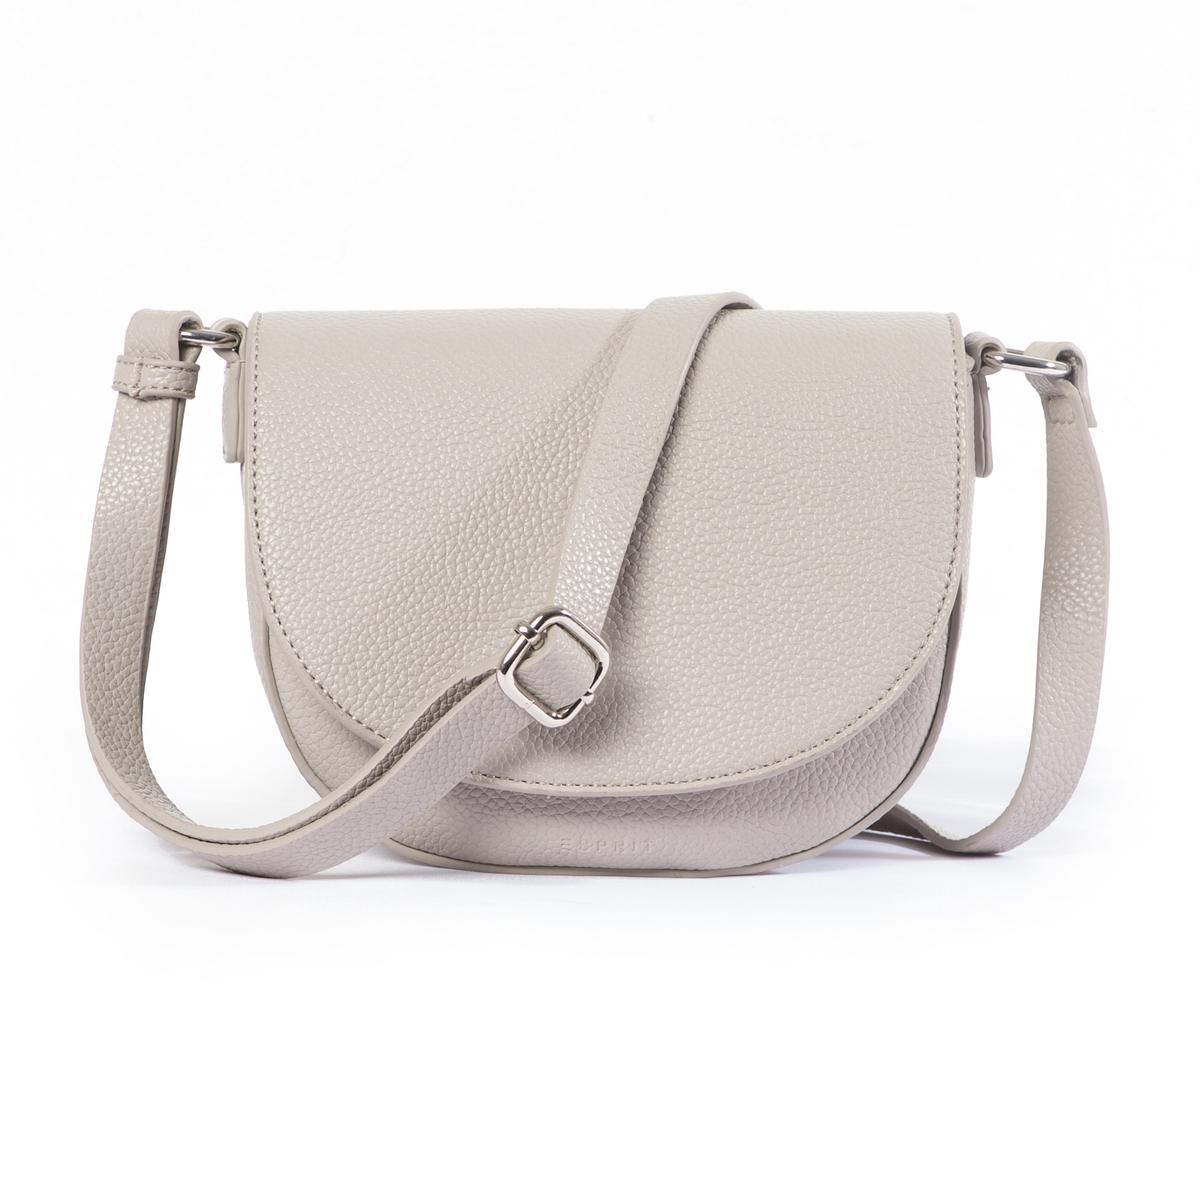 Сумка-клатчВеликолепная женственная сумка в форме клатча с закругленными краями. Состав и описание : •  Материал : верх из полиуретана                        Подкладка из полиэстера. •  Марка : Esprit •  Модель : Tilda •  Размер : 16 x 20 x 9 см •  Застежка : молния1 внутренний карман Носить через плечоРегулируемый плечевой ремень<br><br>Цвет: белый